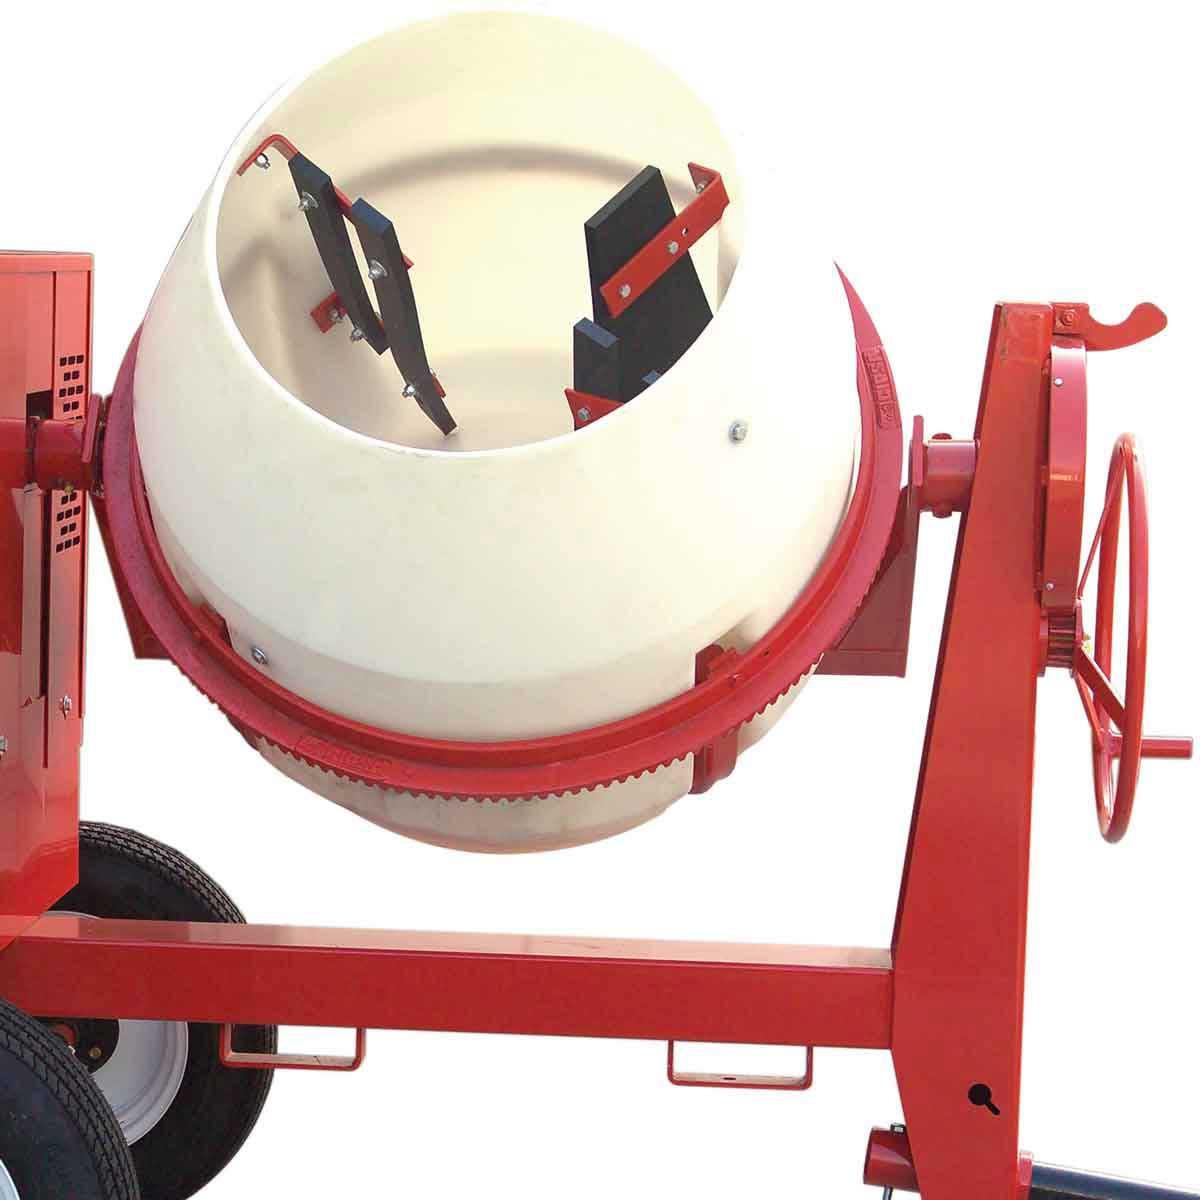 Multiquip concrete mixer drum